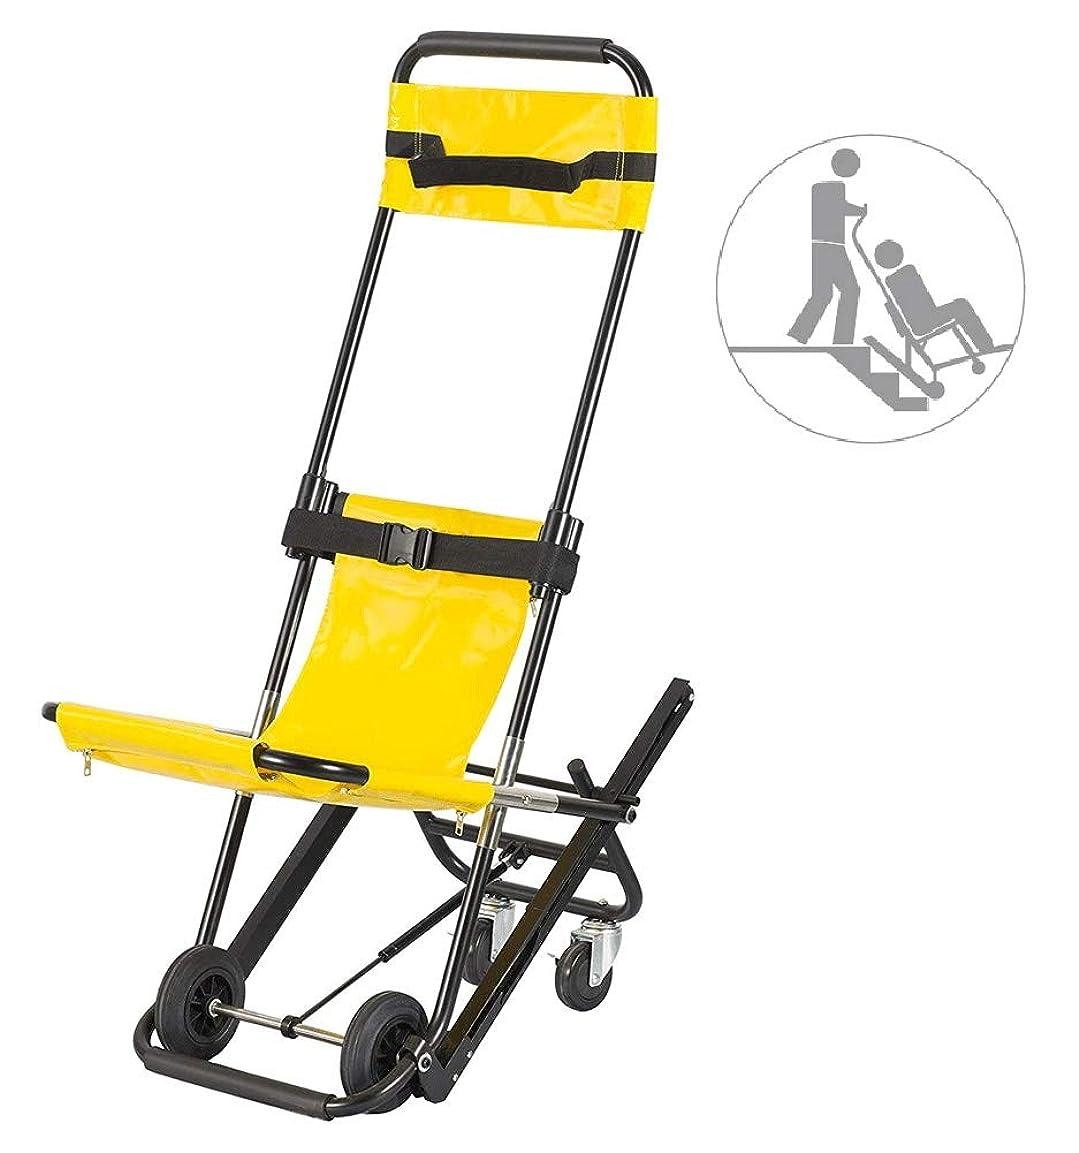 磁石コンチネンタルEMS階段議長は、階段昇降車椅子アルミ軽量折りたたみメディカルクイックリリースバックル350ポンド容量、イエローと階段チェアリフト